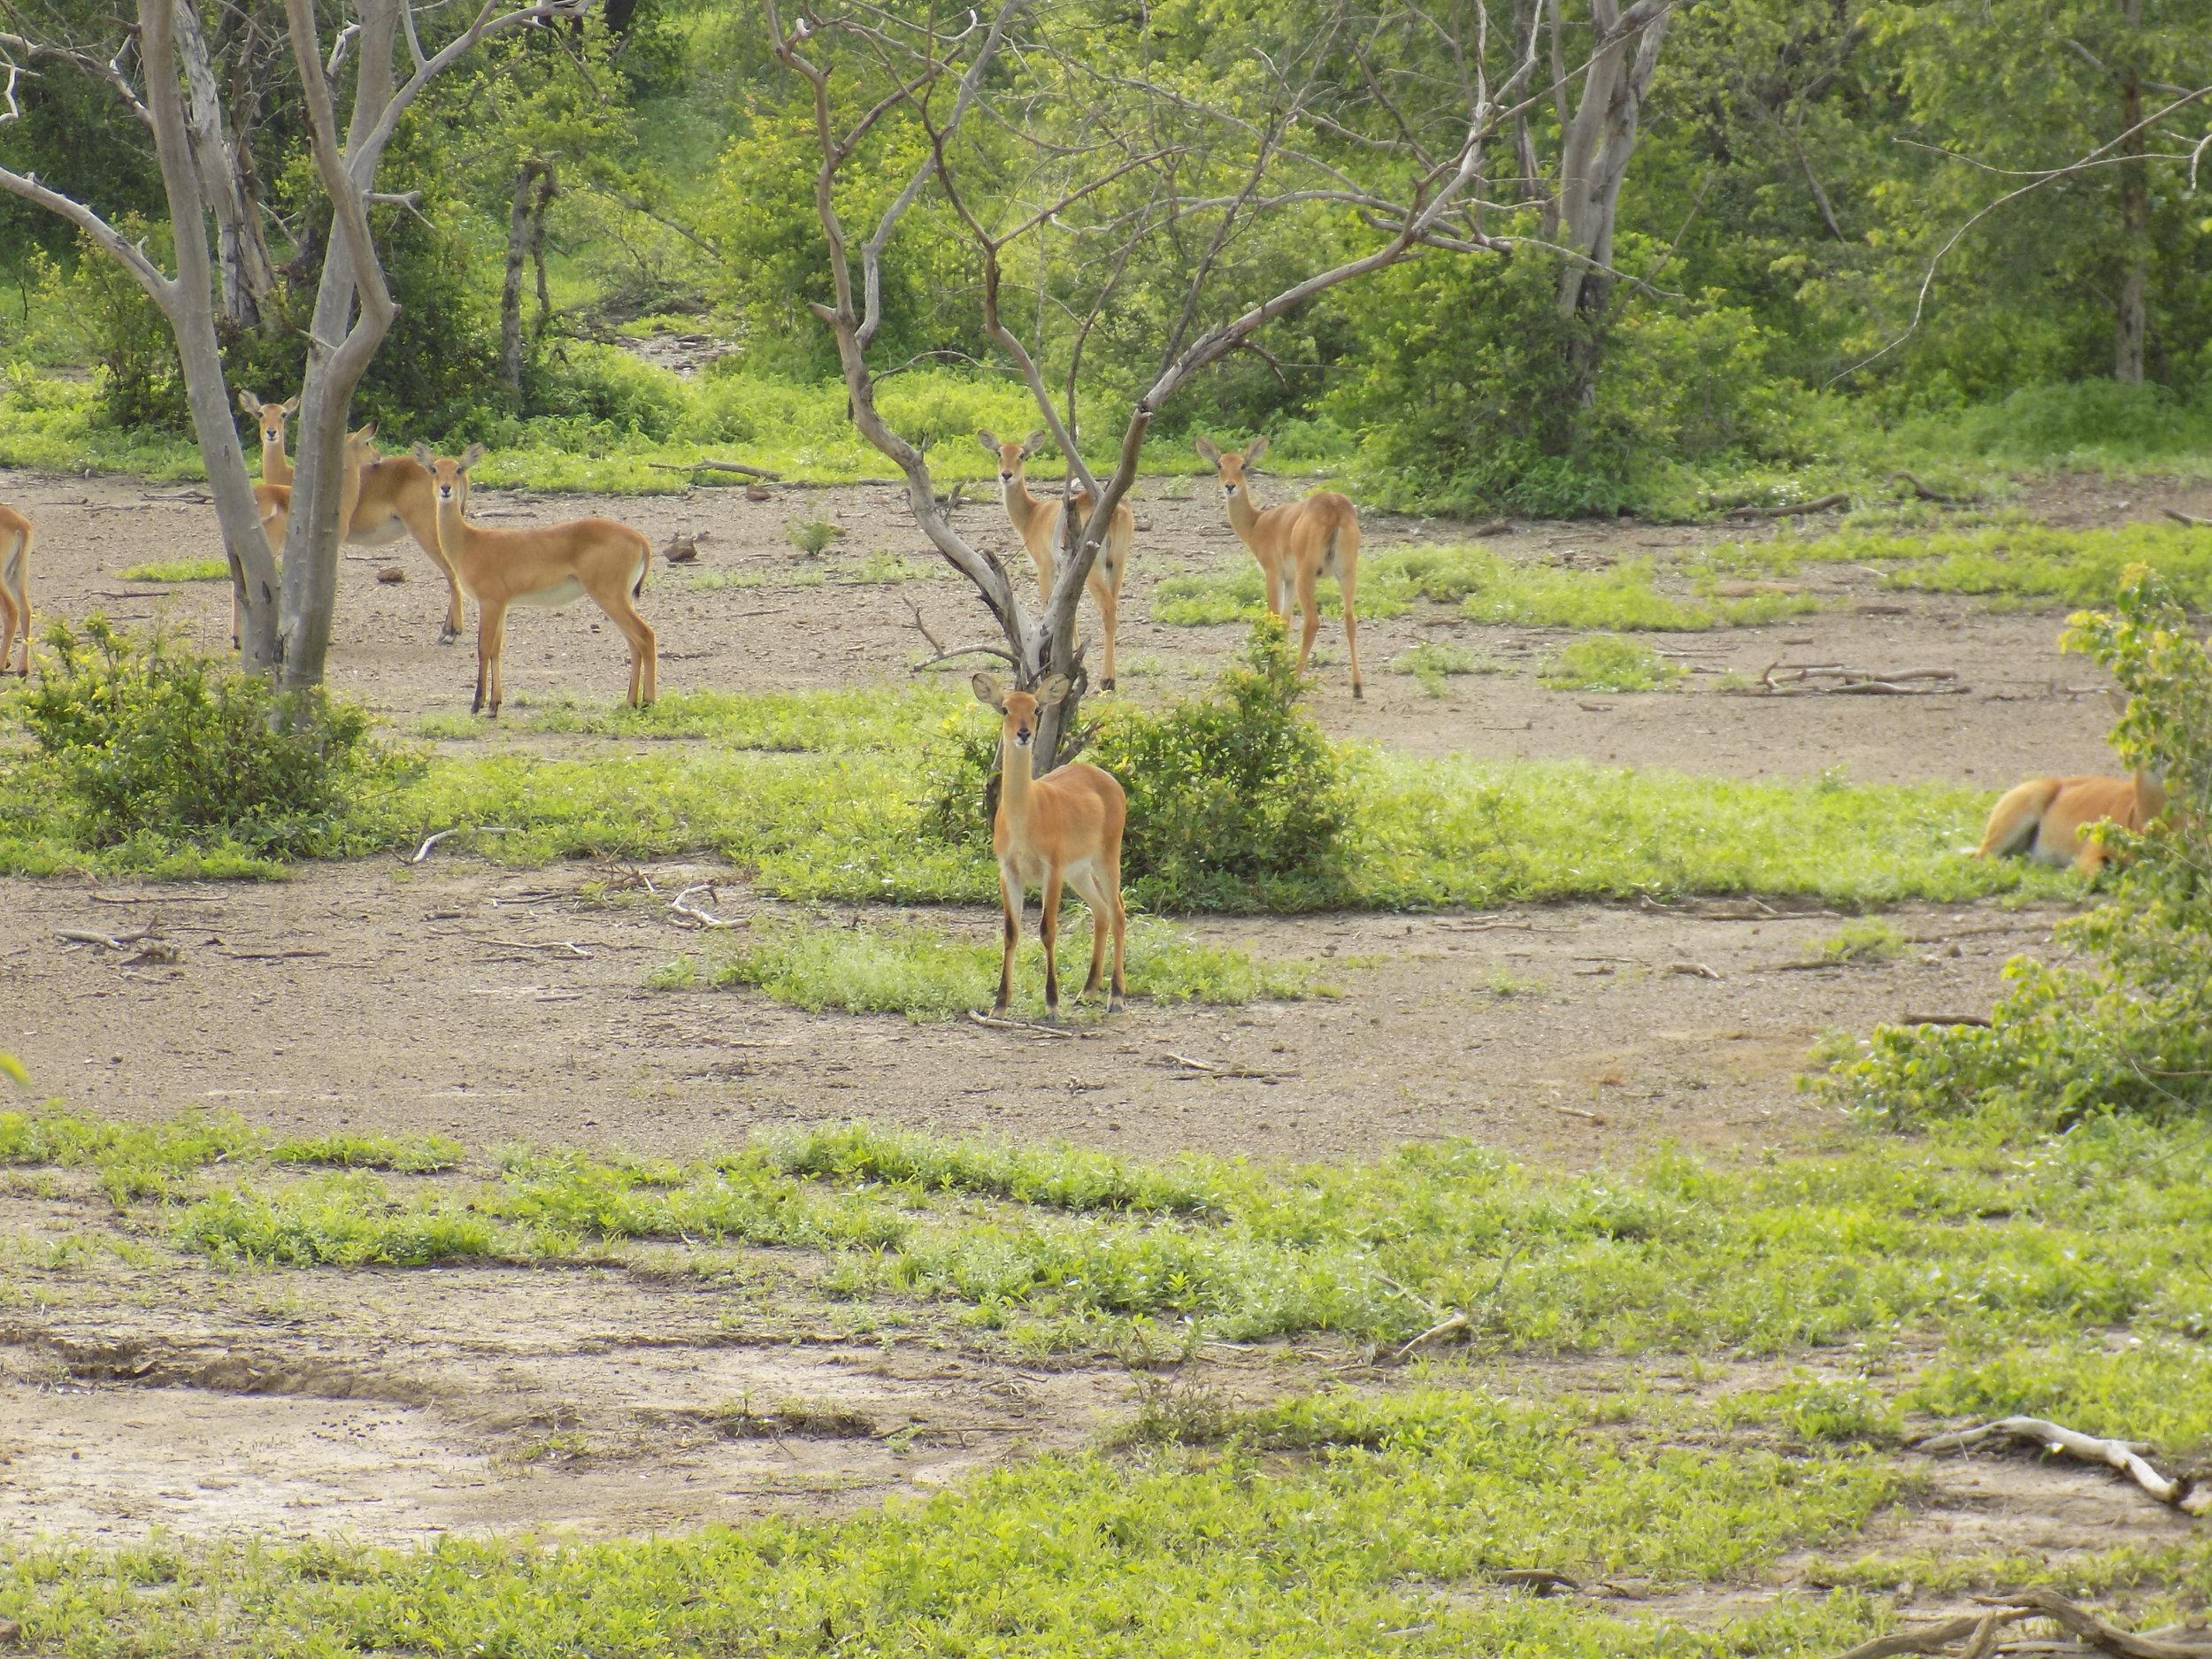 sung-taaba-gazzells-in-ghana.JPG